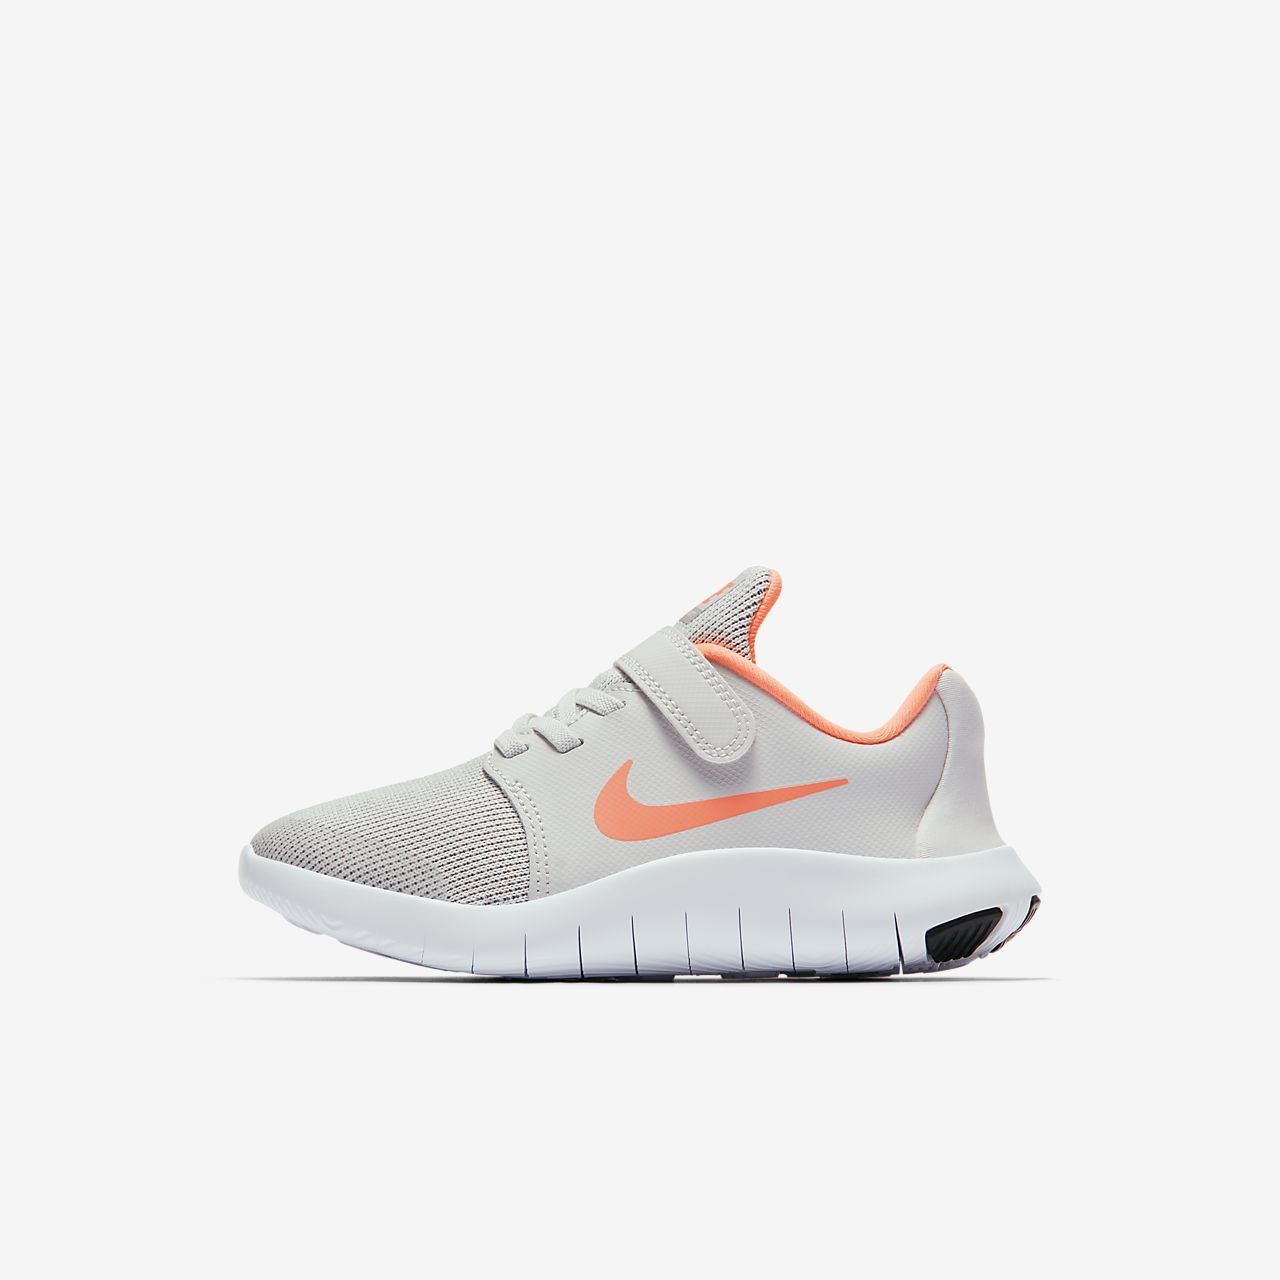 ... Chaussure Nike Flex Contact 2 pour Jeune enfant